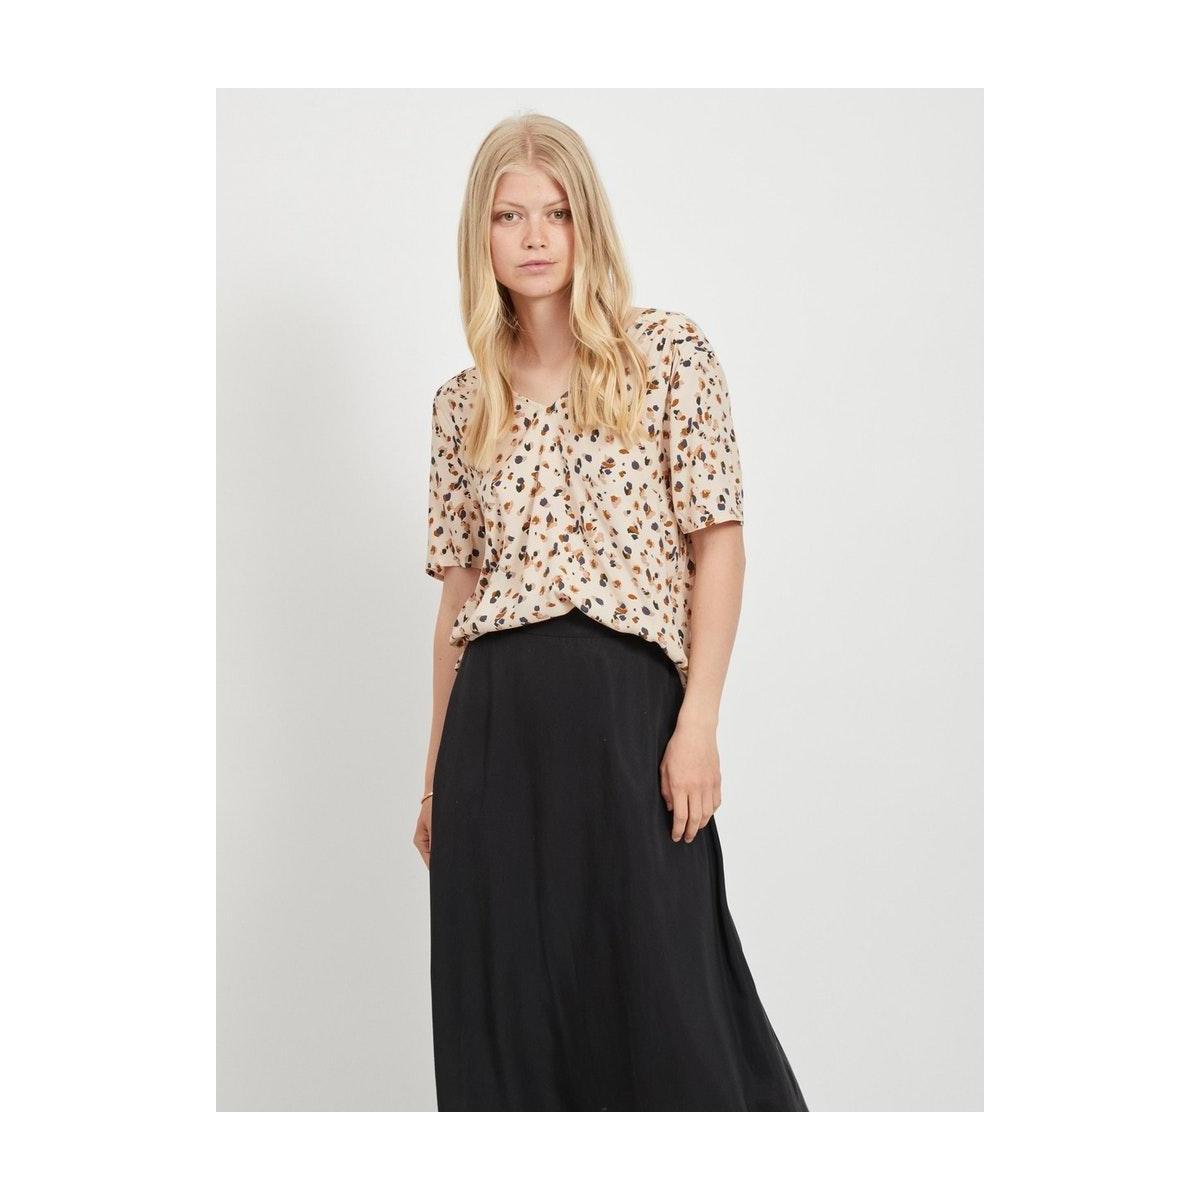 objnelle s/s top pb8 23033099 object t-shirt sandshell/multi colo